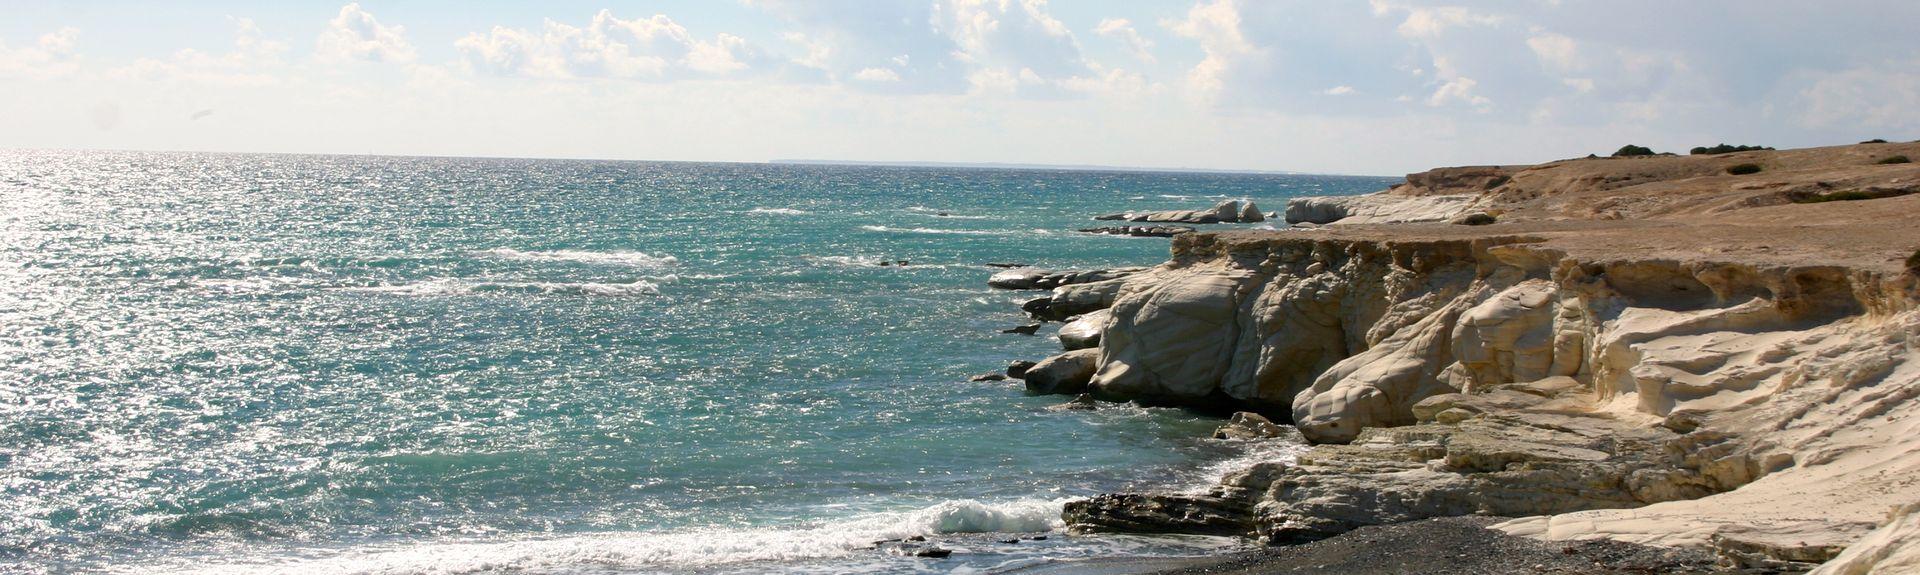 Pareklisia, Dystrykt Limassol, Cypr